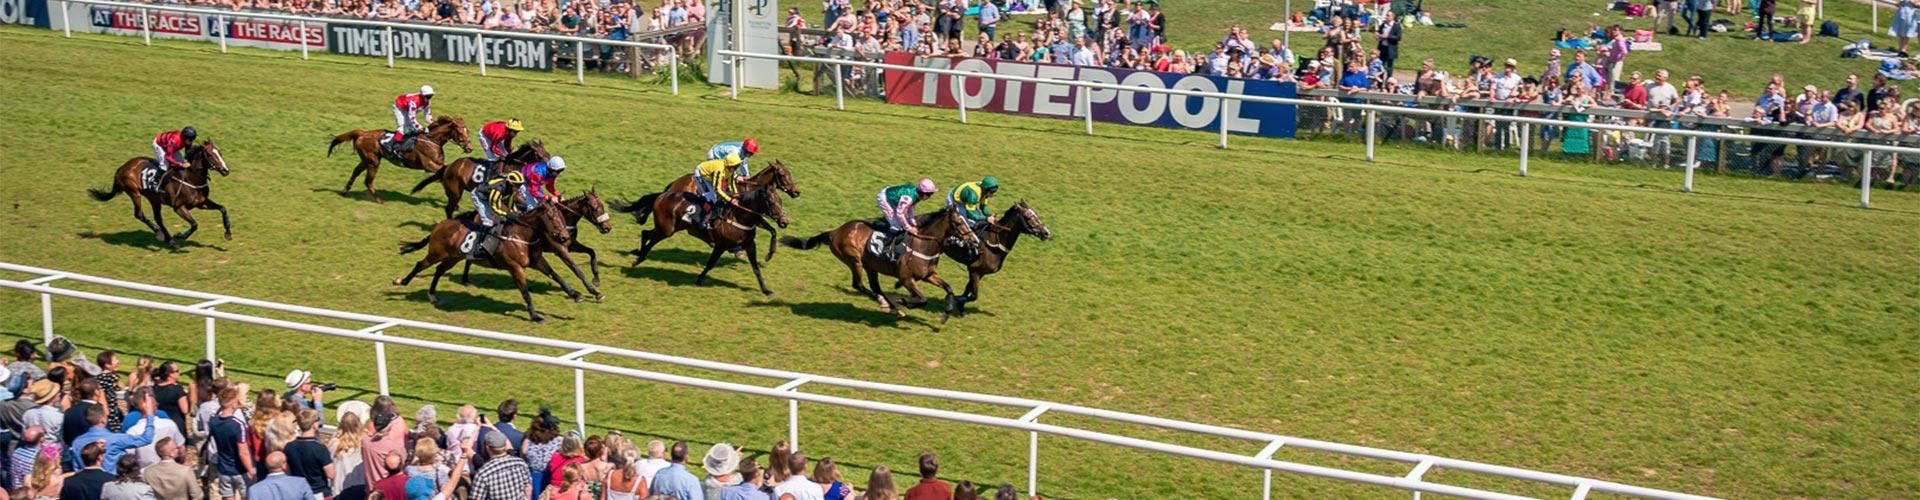 Private Suite at Plumpton Racecourse